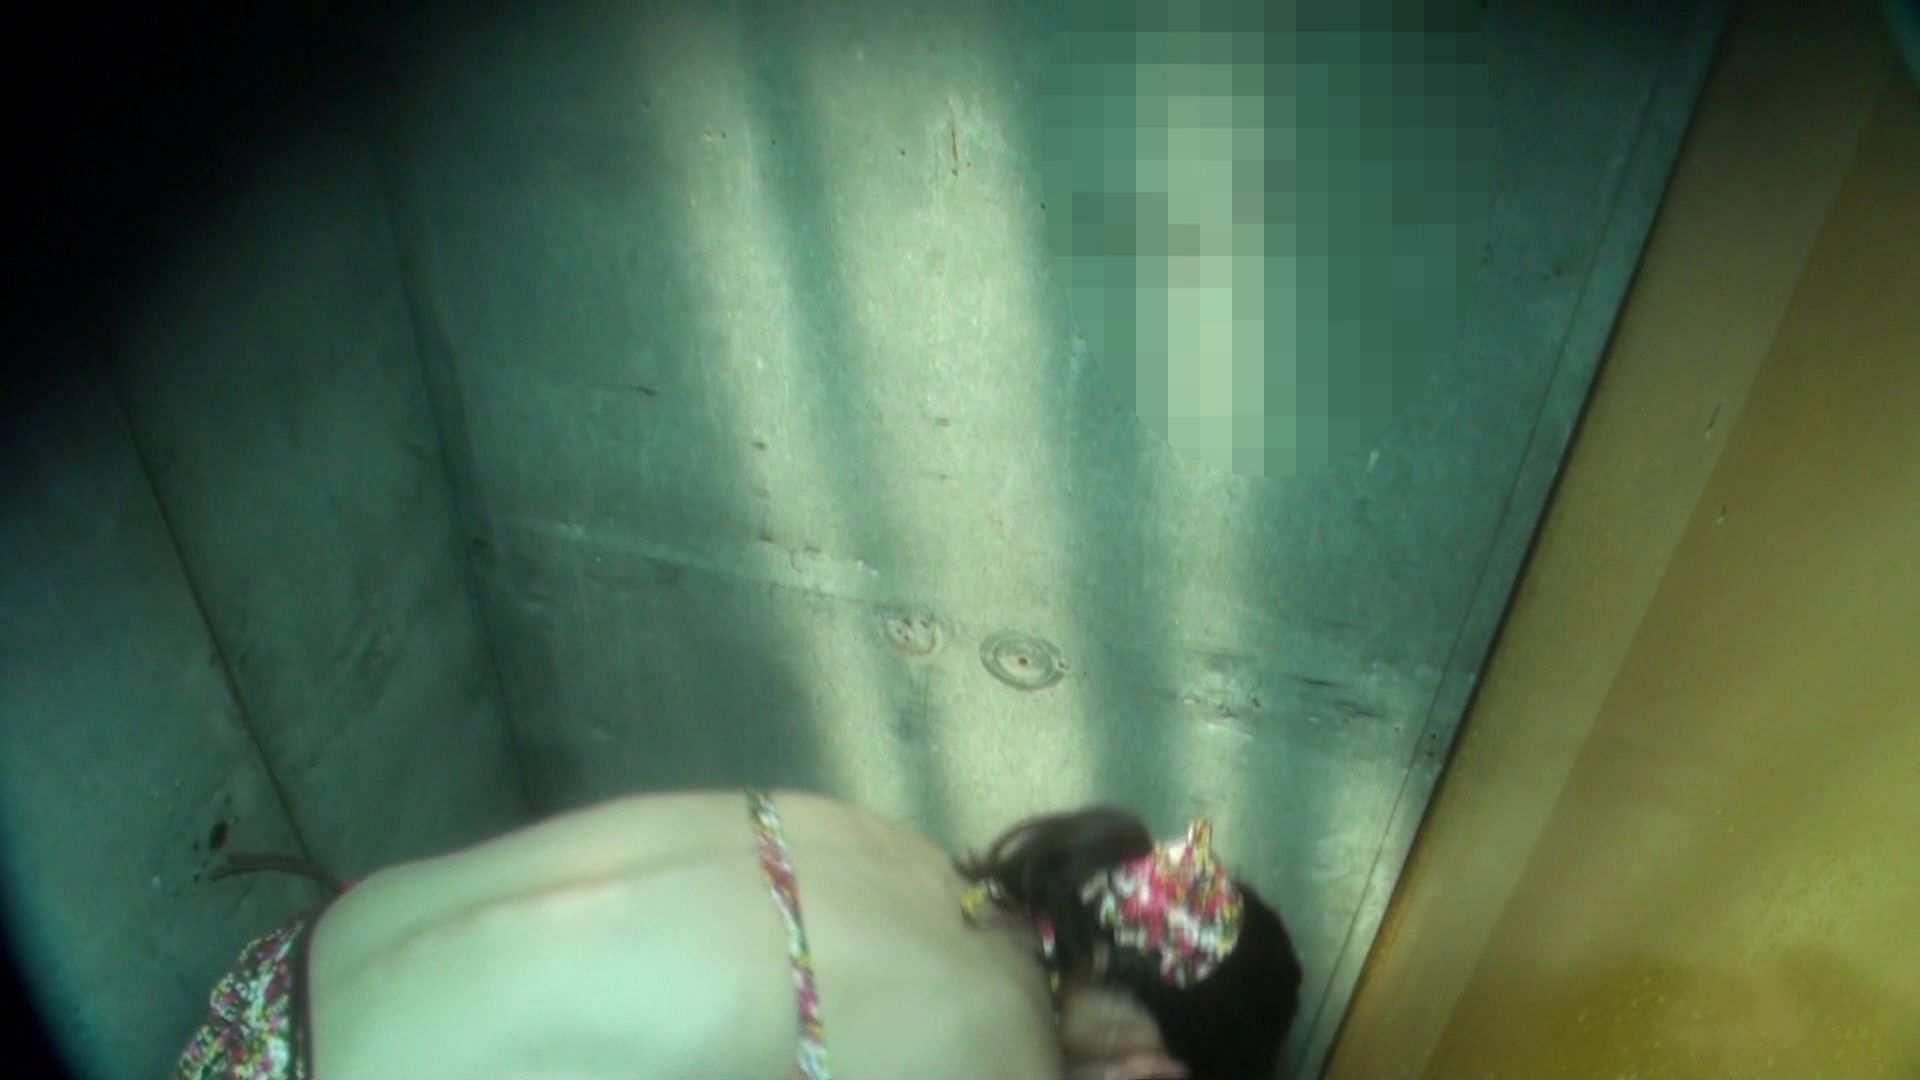 シャワールームは超!!危険な香りVol.16 意外に乳首は年増のそれ エロティックなOL   乳首  105画像 6